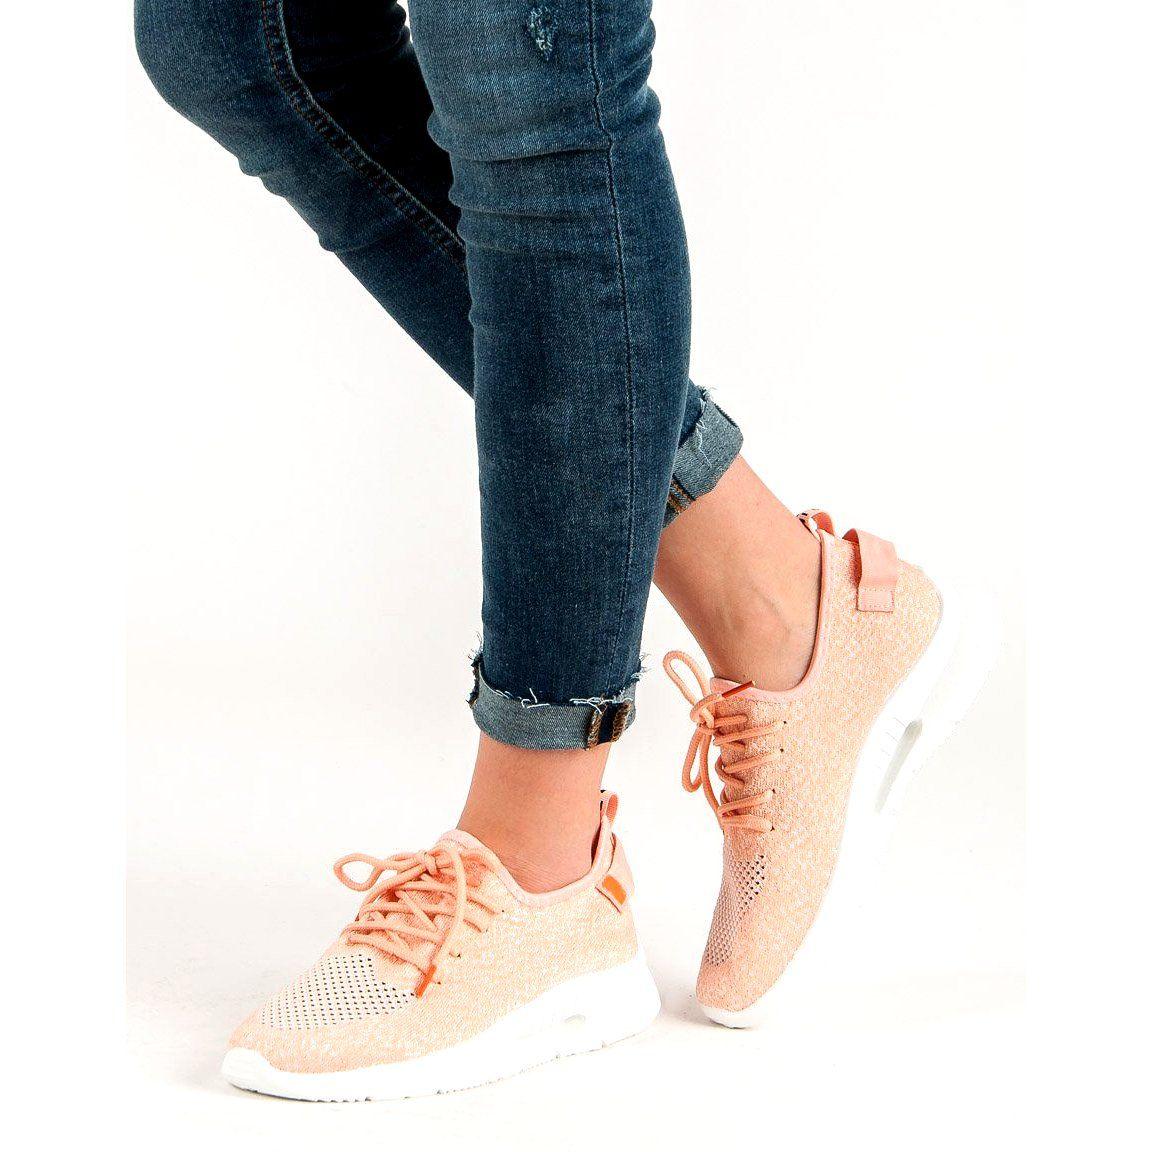 Trampki Damskie Butymodne Rozowe Przewiewne Obuwie Sportowe Shoes Stella Mccartney Elyse Mccartney